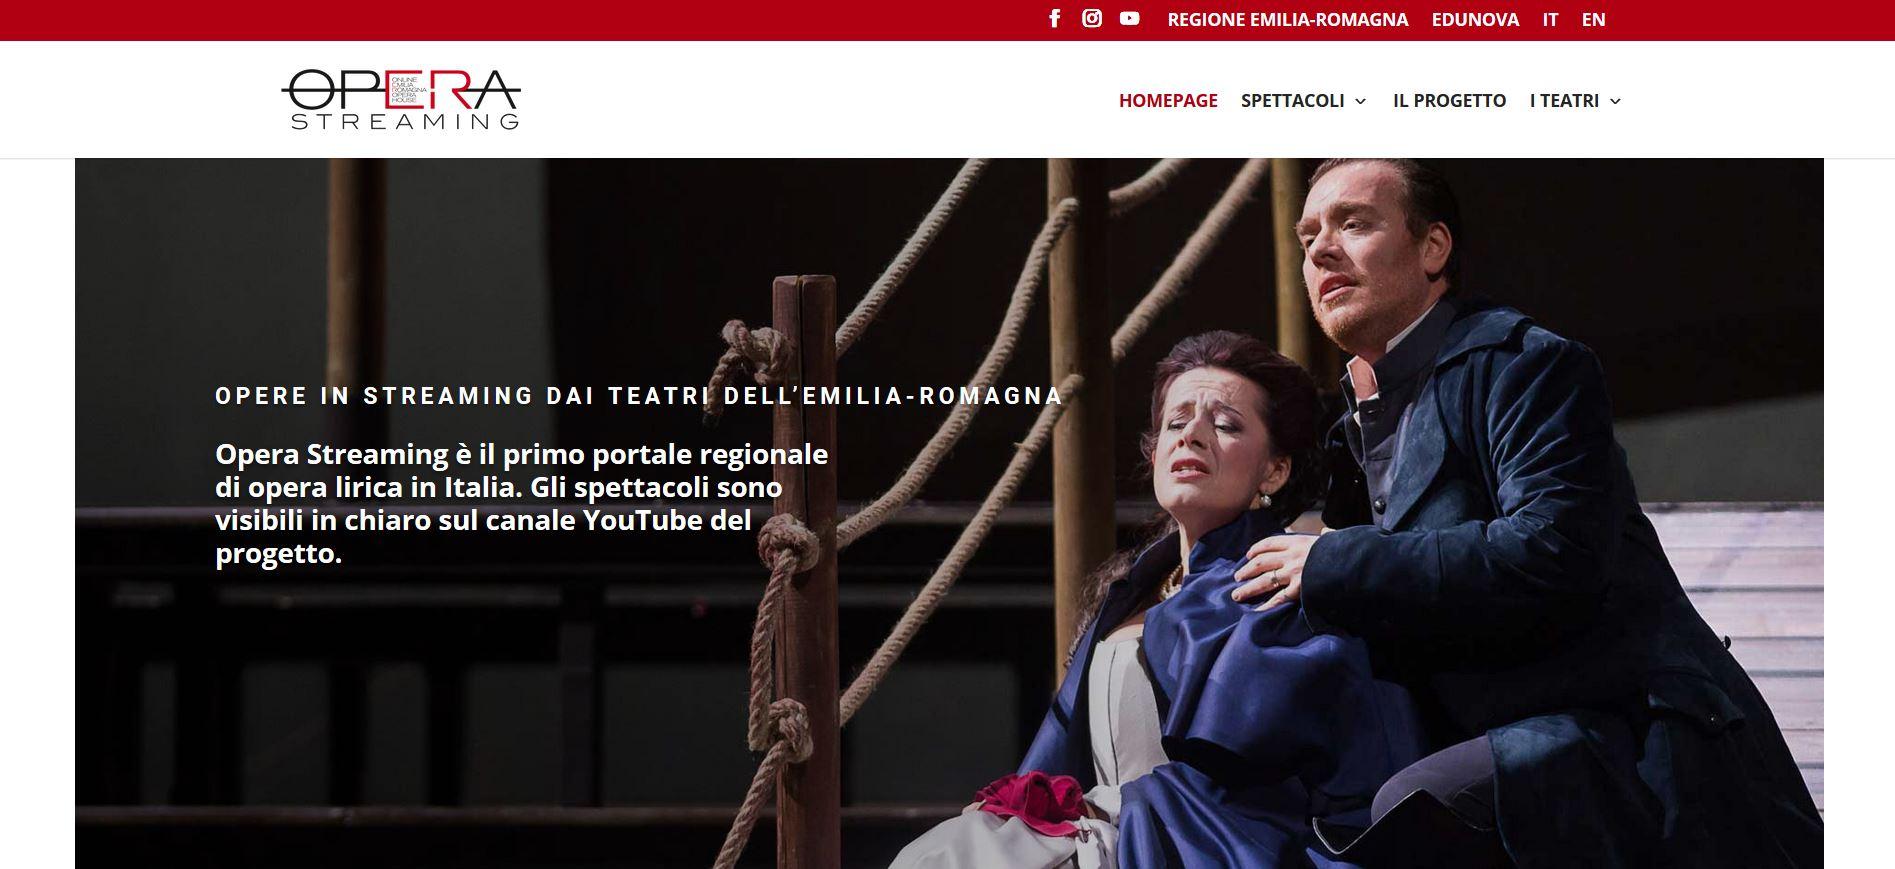 Nasce OperaStreaming, palco virtuale delle opere in scena nei teatri dell'Emilia Romagna